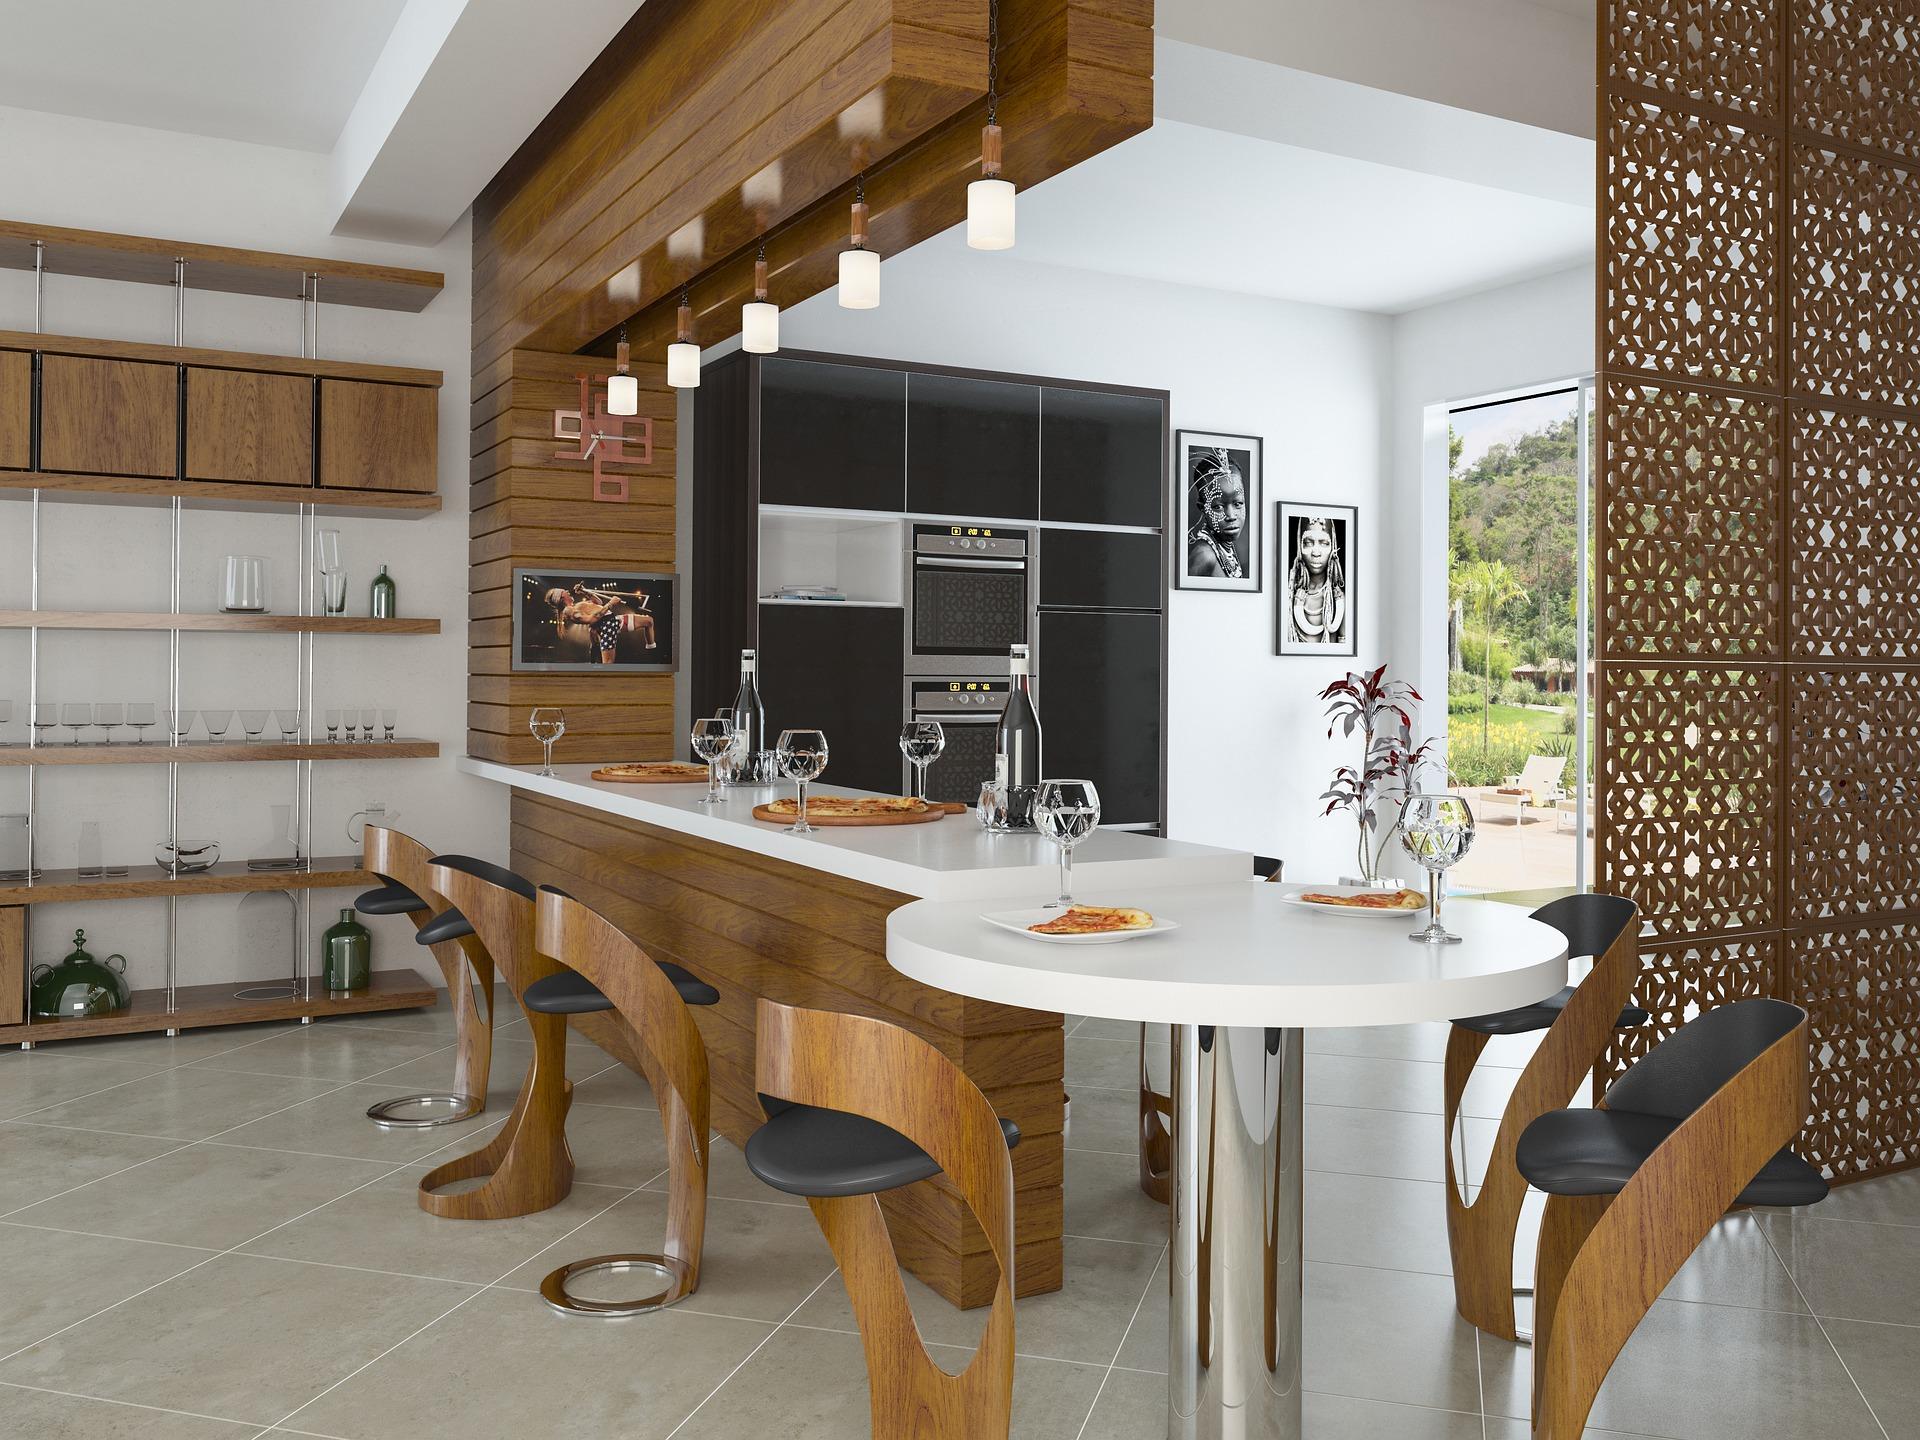 furniture-3042830_1920